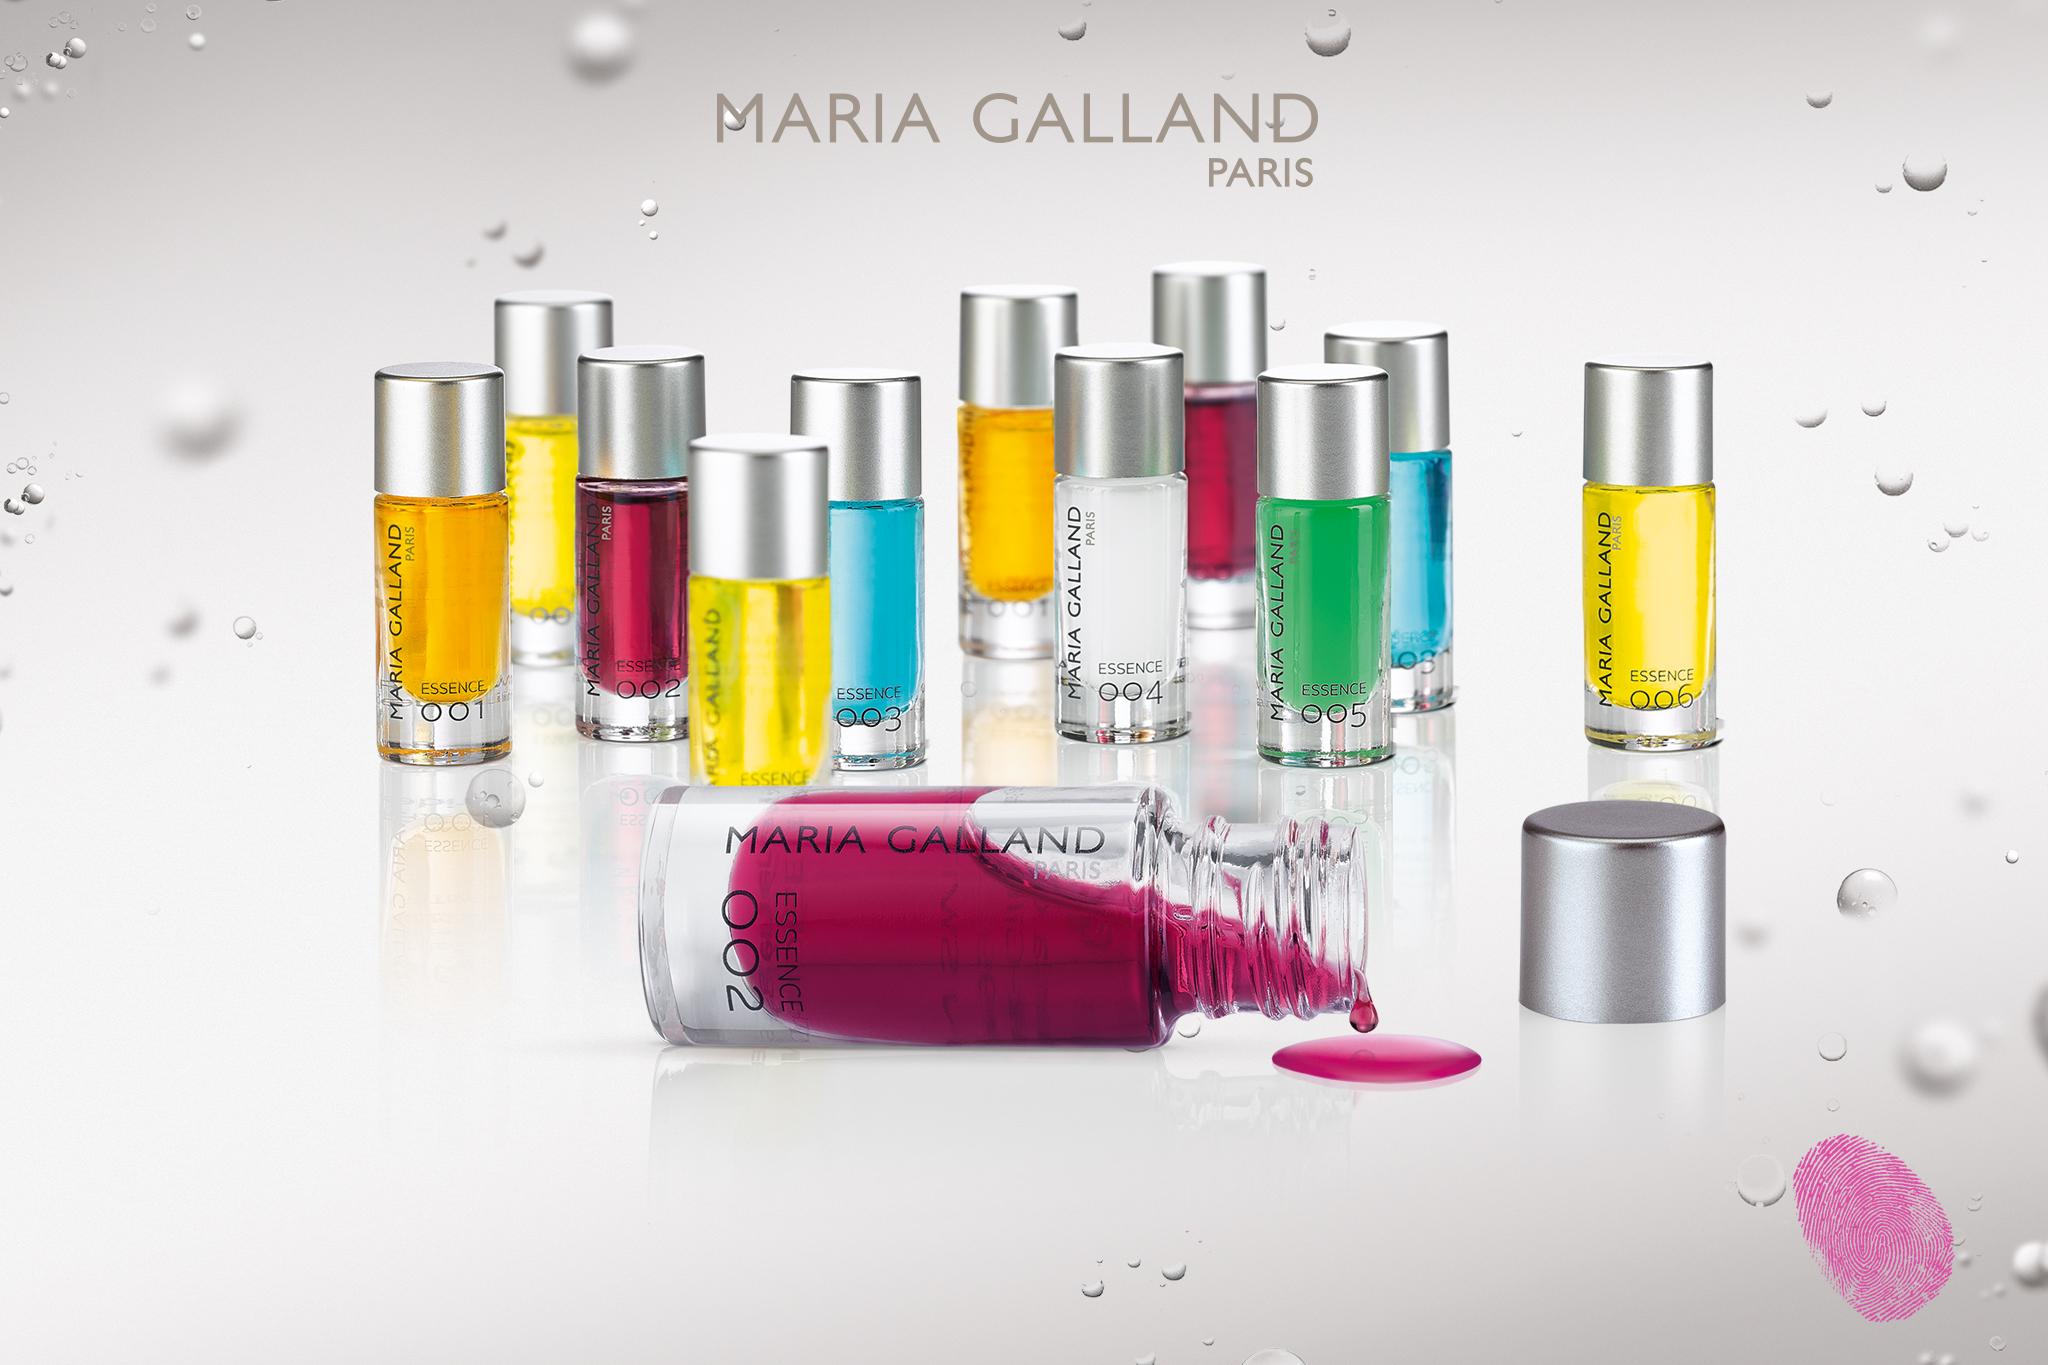 produkte-maria-galland-wiesbaden-1